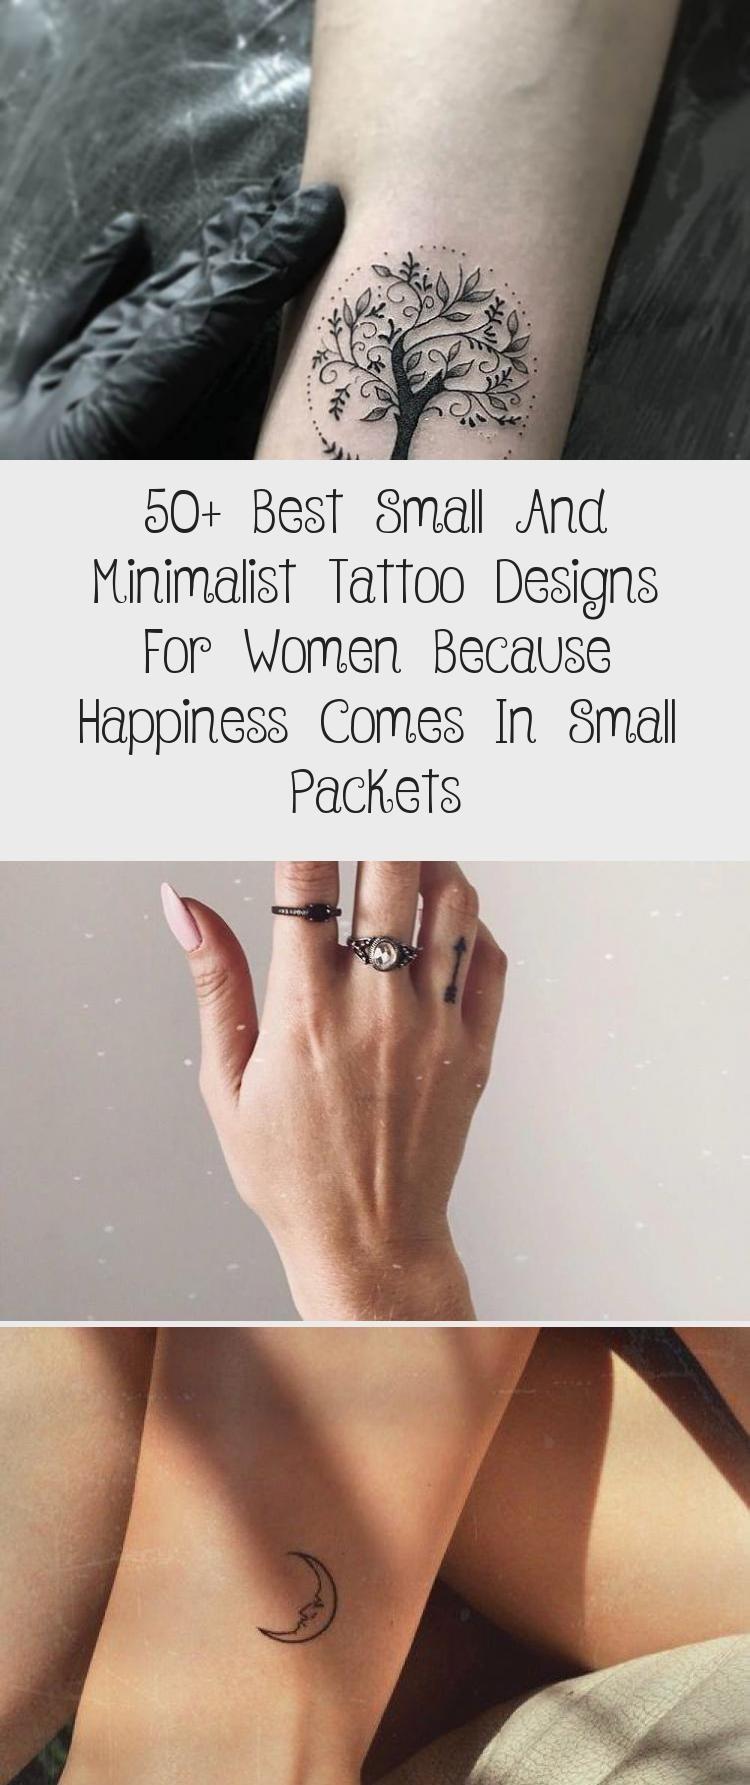 Best Small and Minimalist Tattoo Designs #tattoo #tattoosforwomen #minimaltattoo #smalltattoos #minimalisttattooTatuajesMinimalistas #minimalisttattooOcean #minimalisttattooFoot #minimalisttattooPoignet #Abstractminimalisttattoo